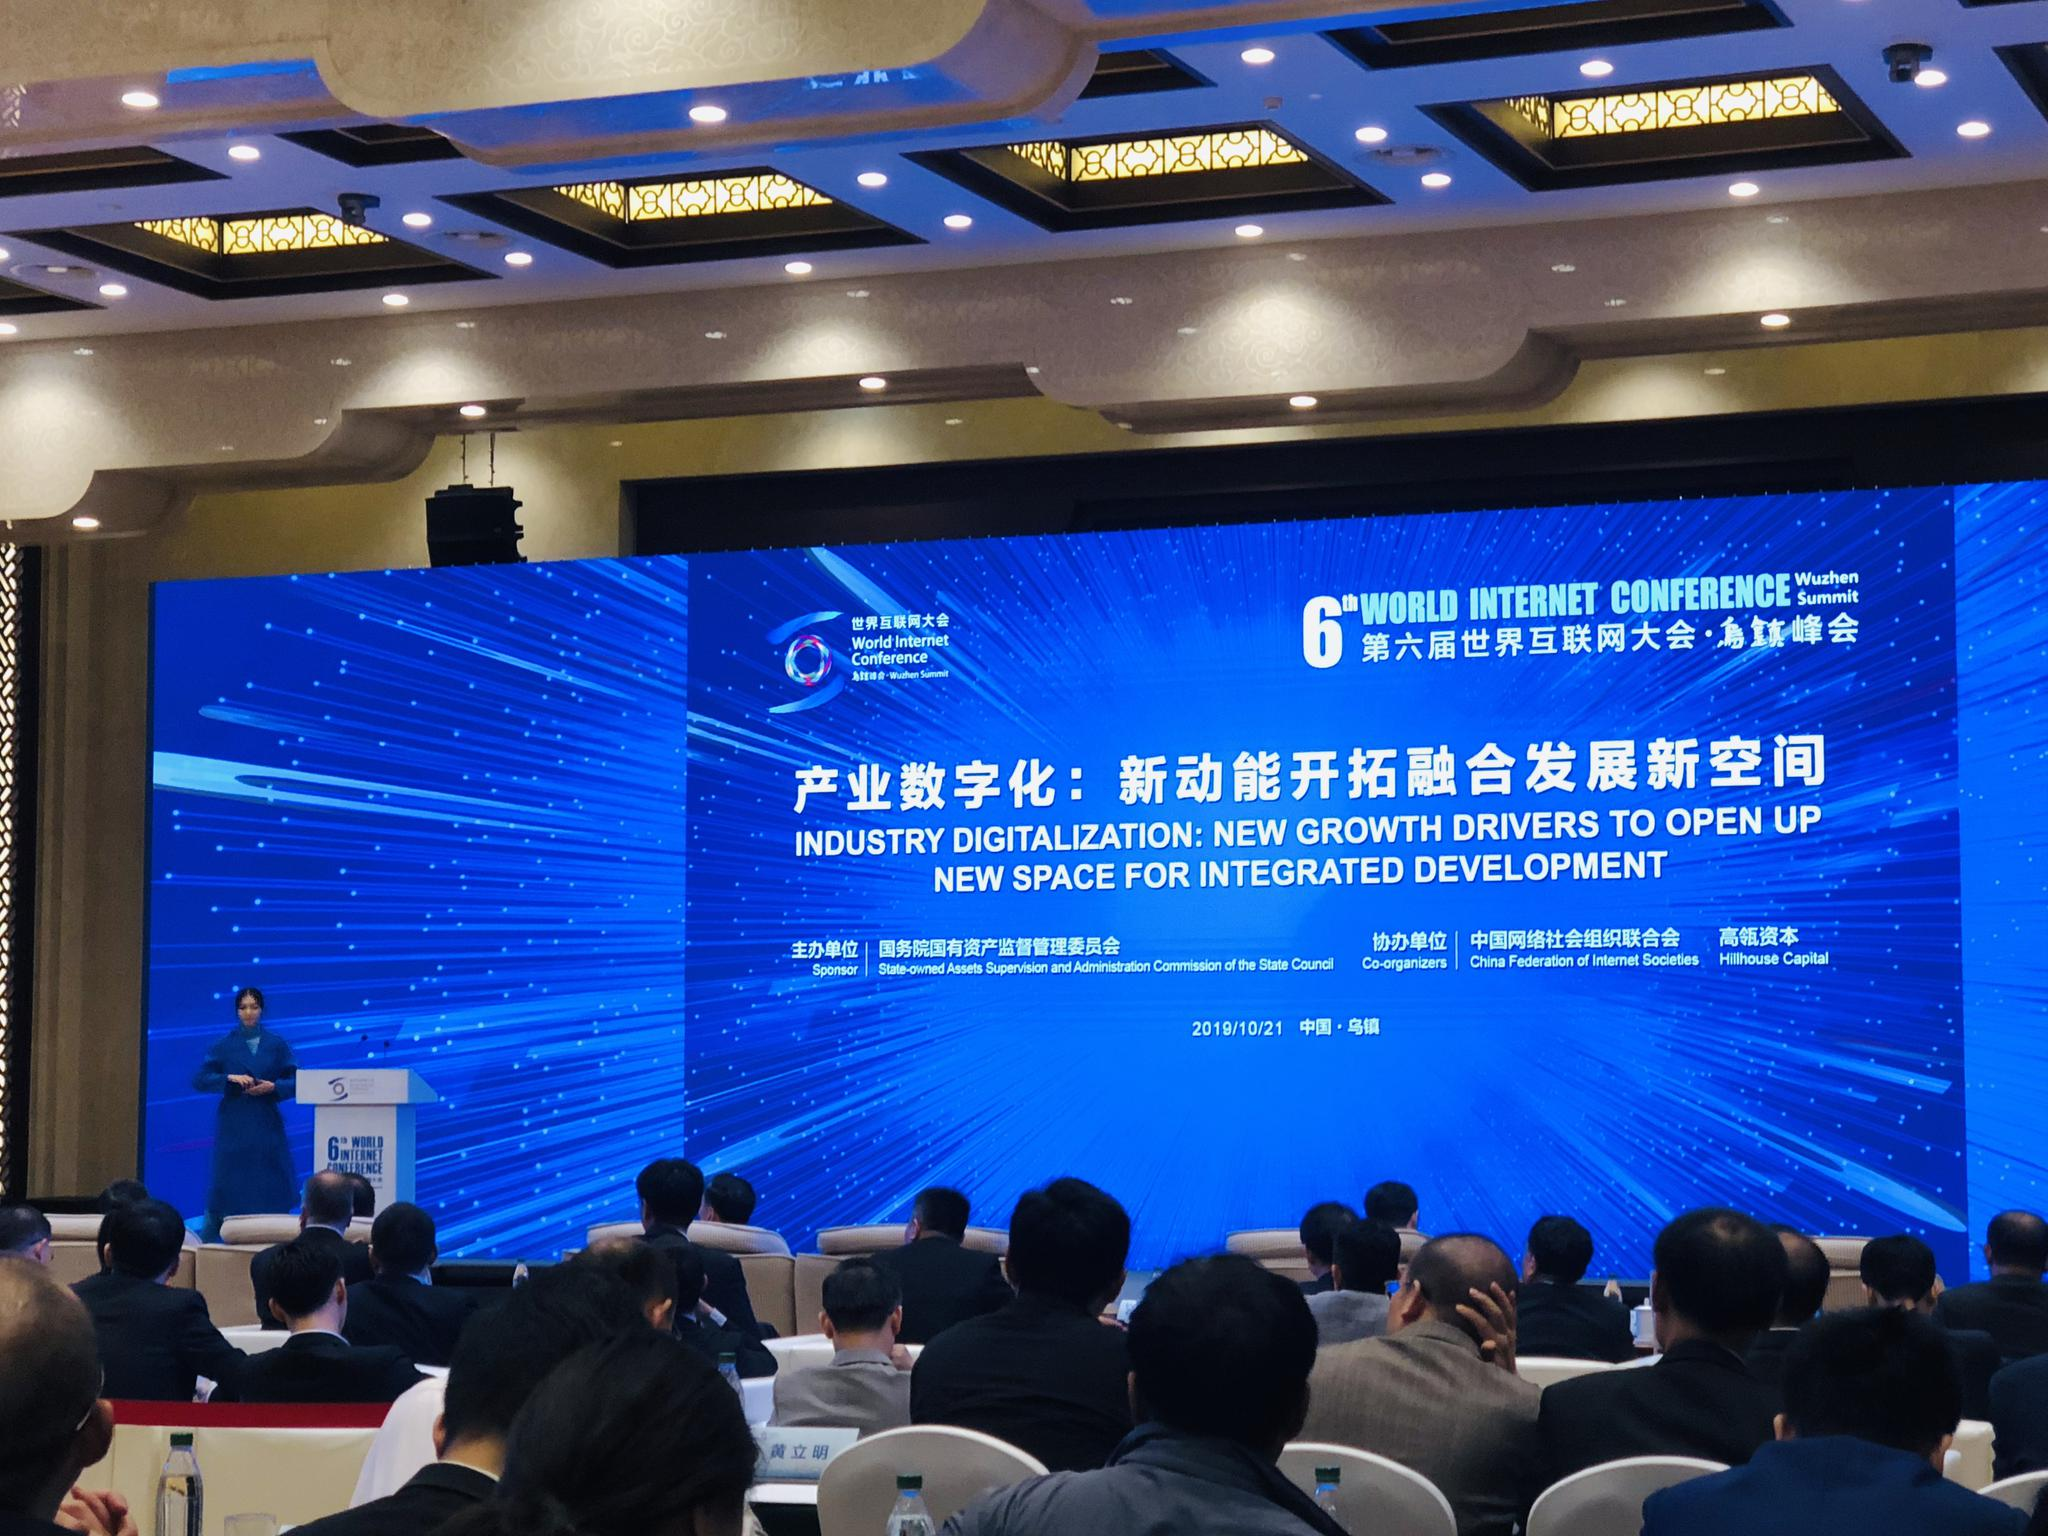 国资委翁杰明:鼓励央企参与国际标准研究、制定和推广